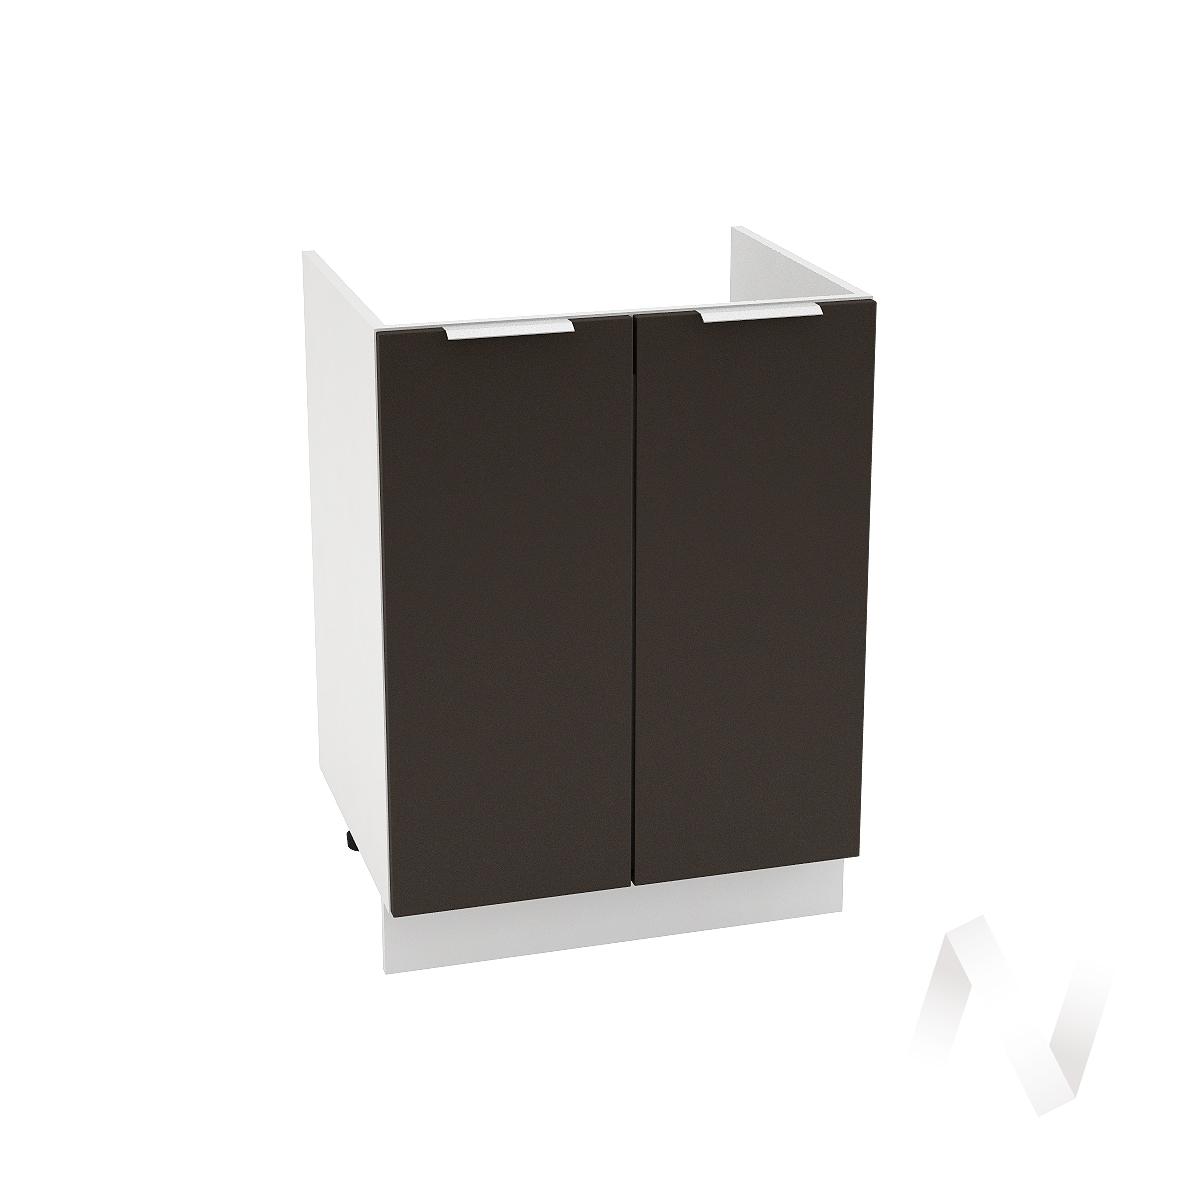 """Кухня """"Терра"""": Шкаф нижний под мойку 600, ШНМ 600 (смоки софт/корпус белый)"""